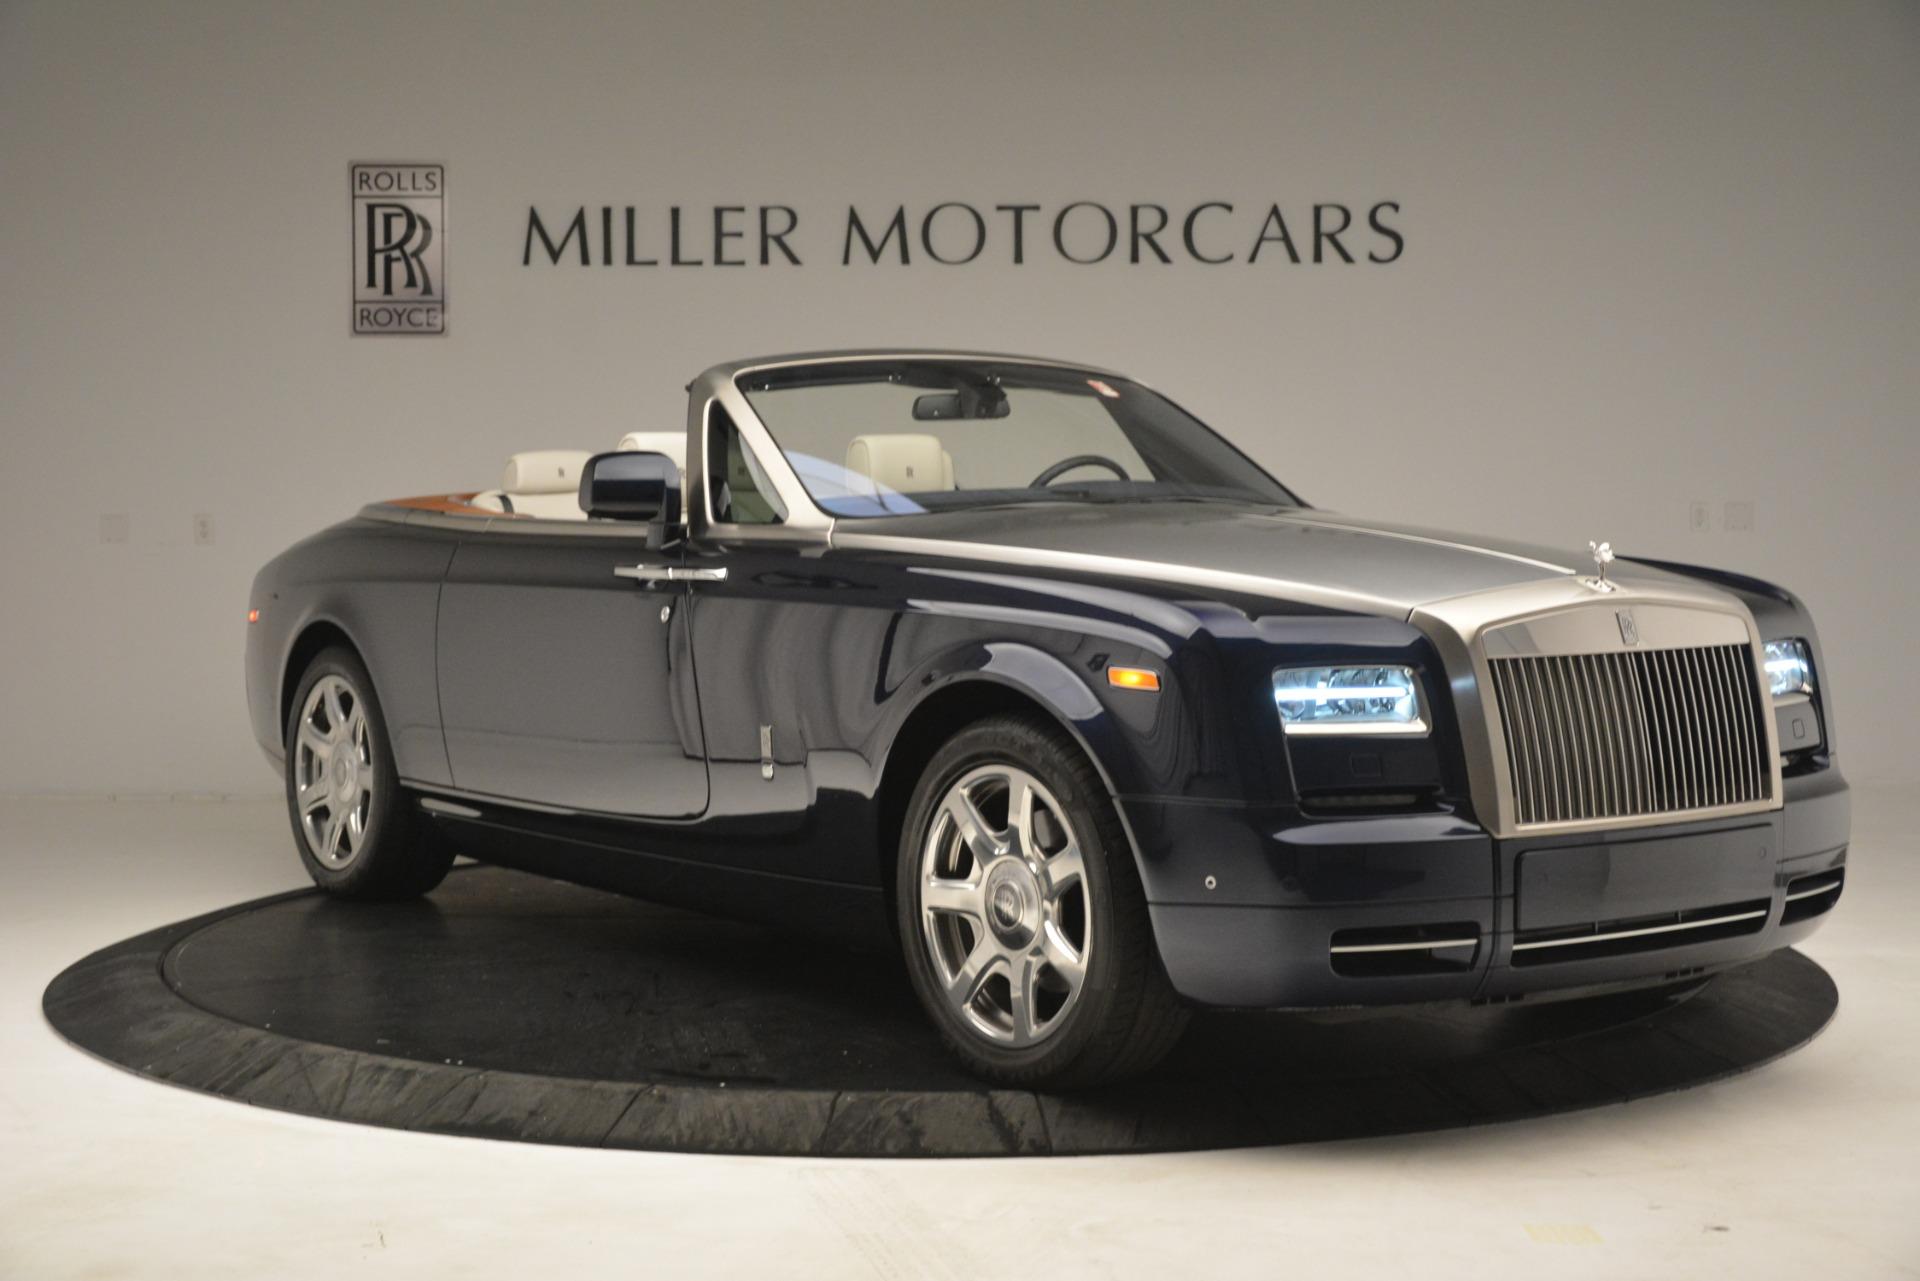 Used 2013 Rolls-Royce Phantom Drophead Coupe  For Sale In Westport, CT 2999_p14